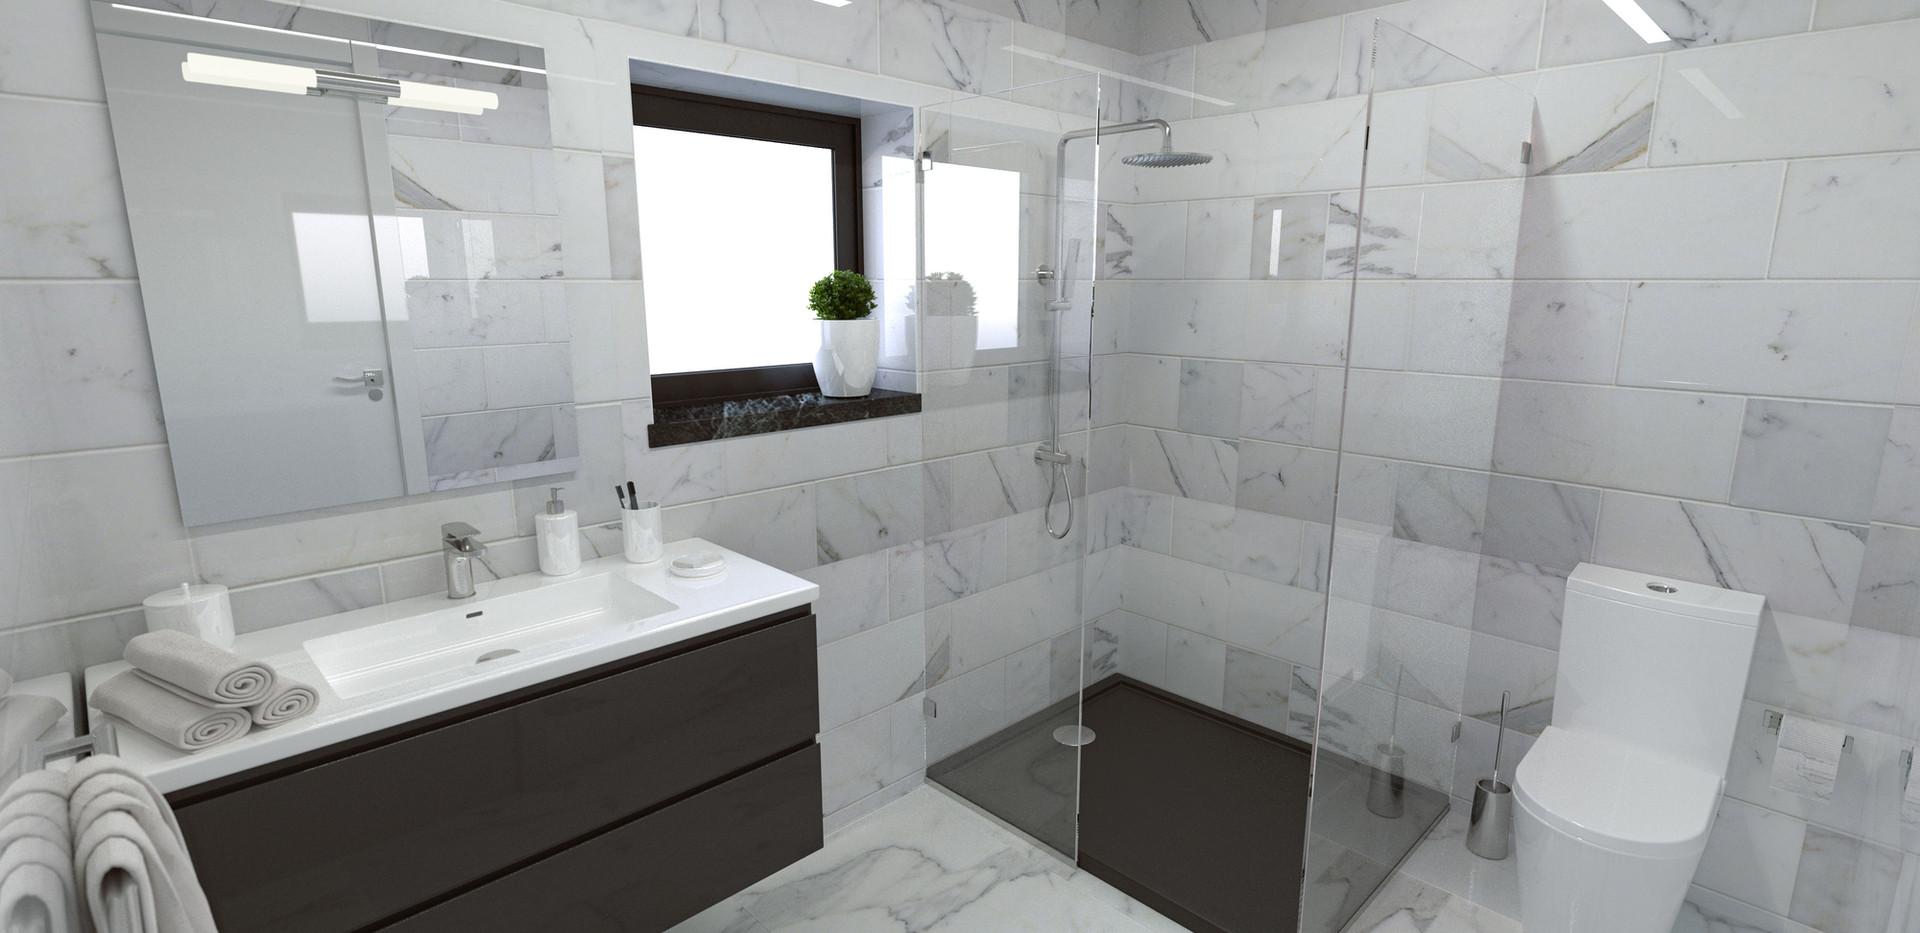 Casa De Banho em 3D